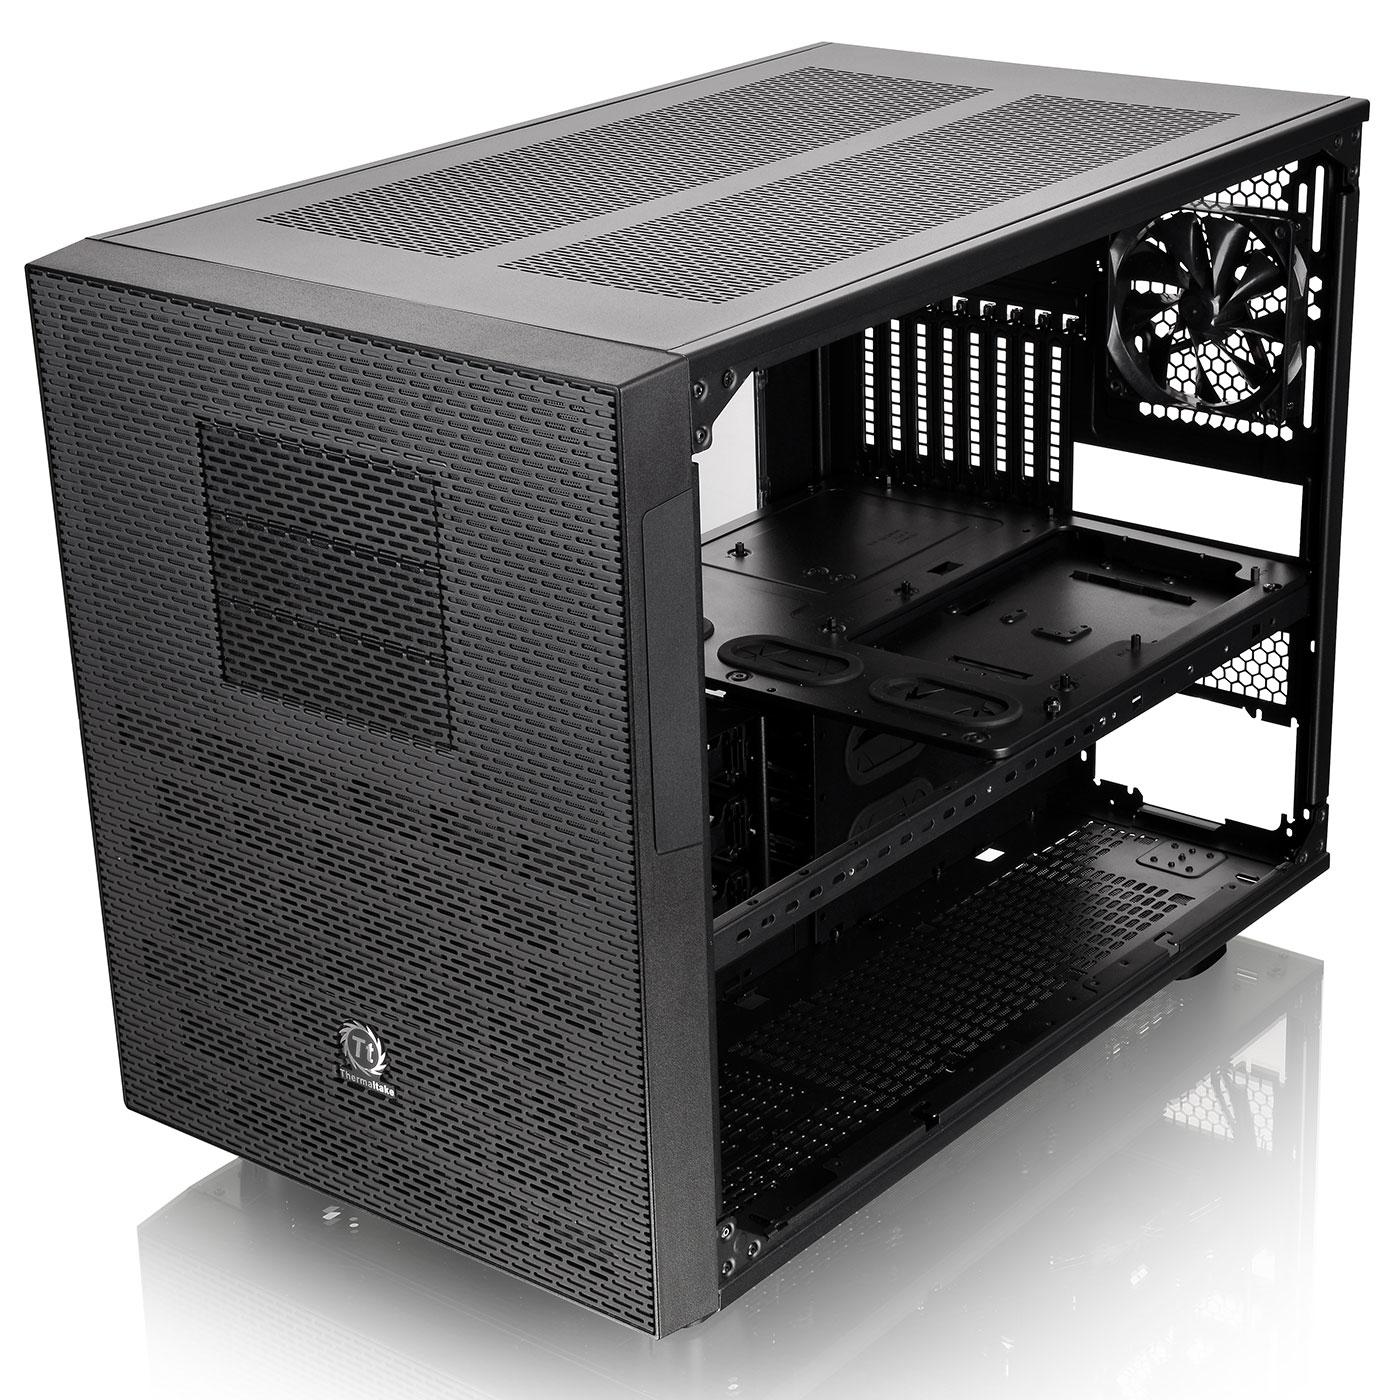 Thermaltake Cube/ss alim/E-ATX Noir - Boîtier PC Thermaltake - 3